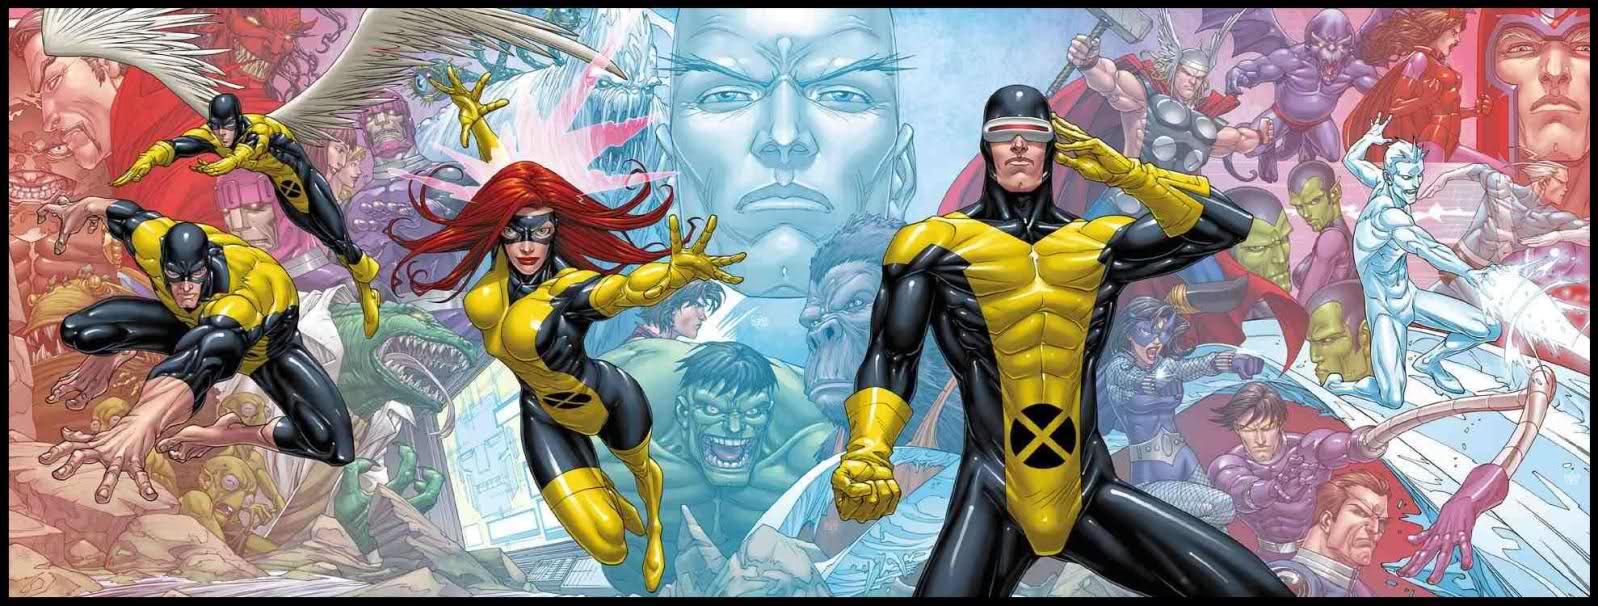 4df8f873d6f 6 histórias que a Marvel Studios pode adaptar ao comprar a Fox ...